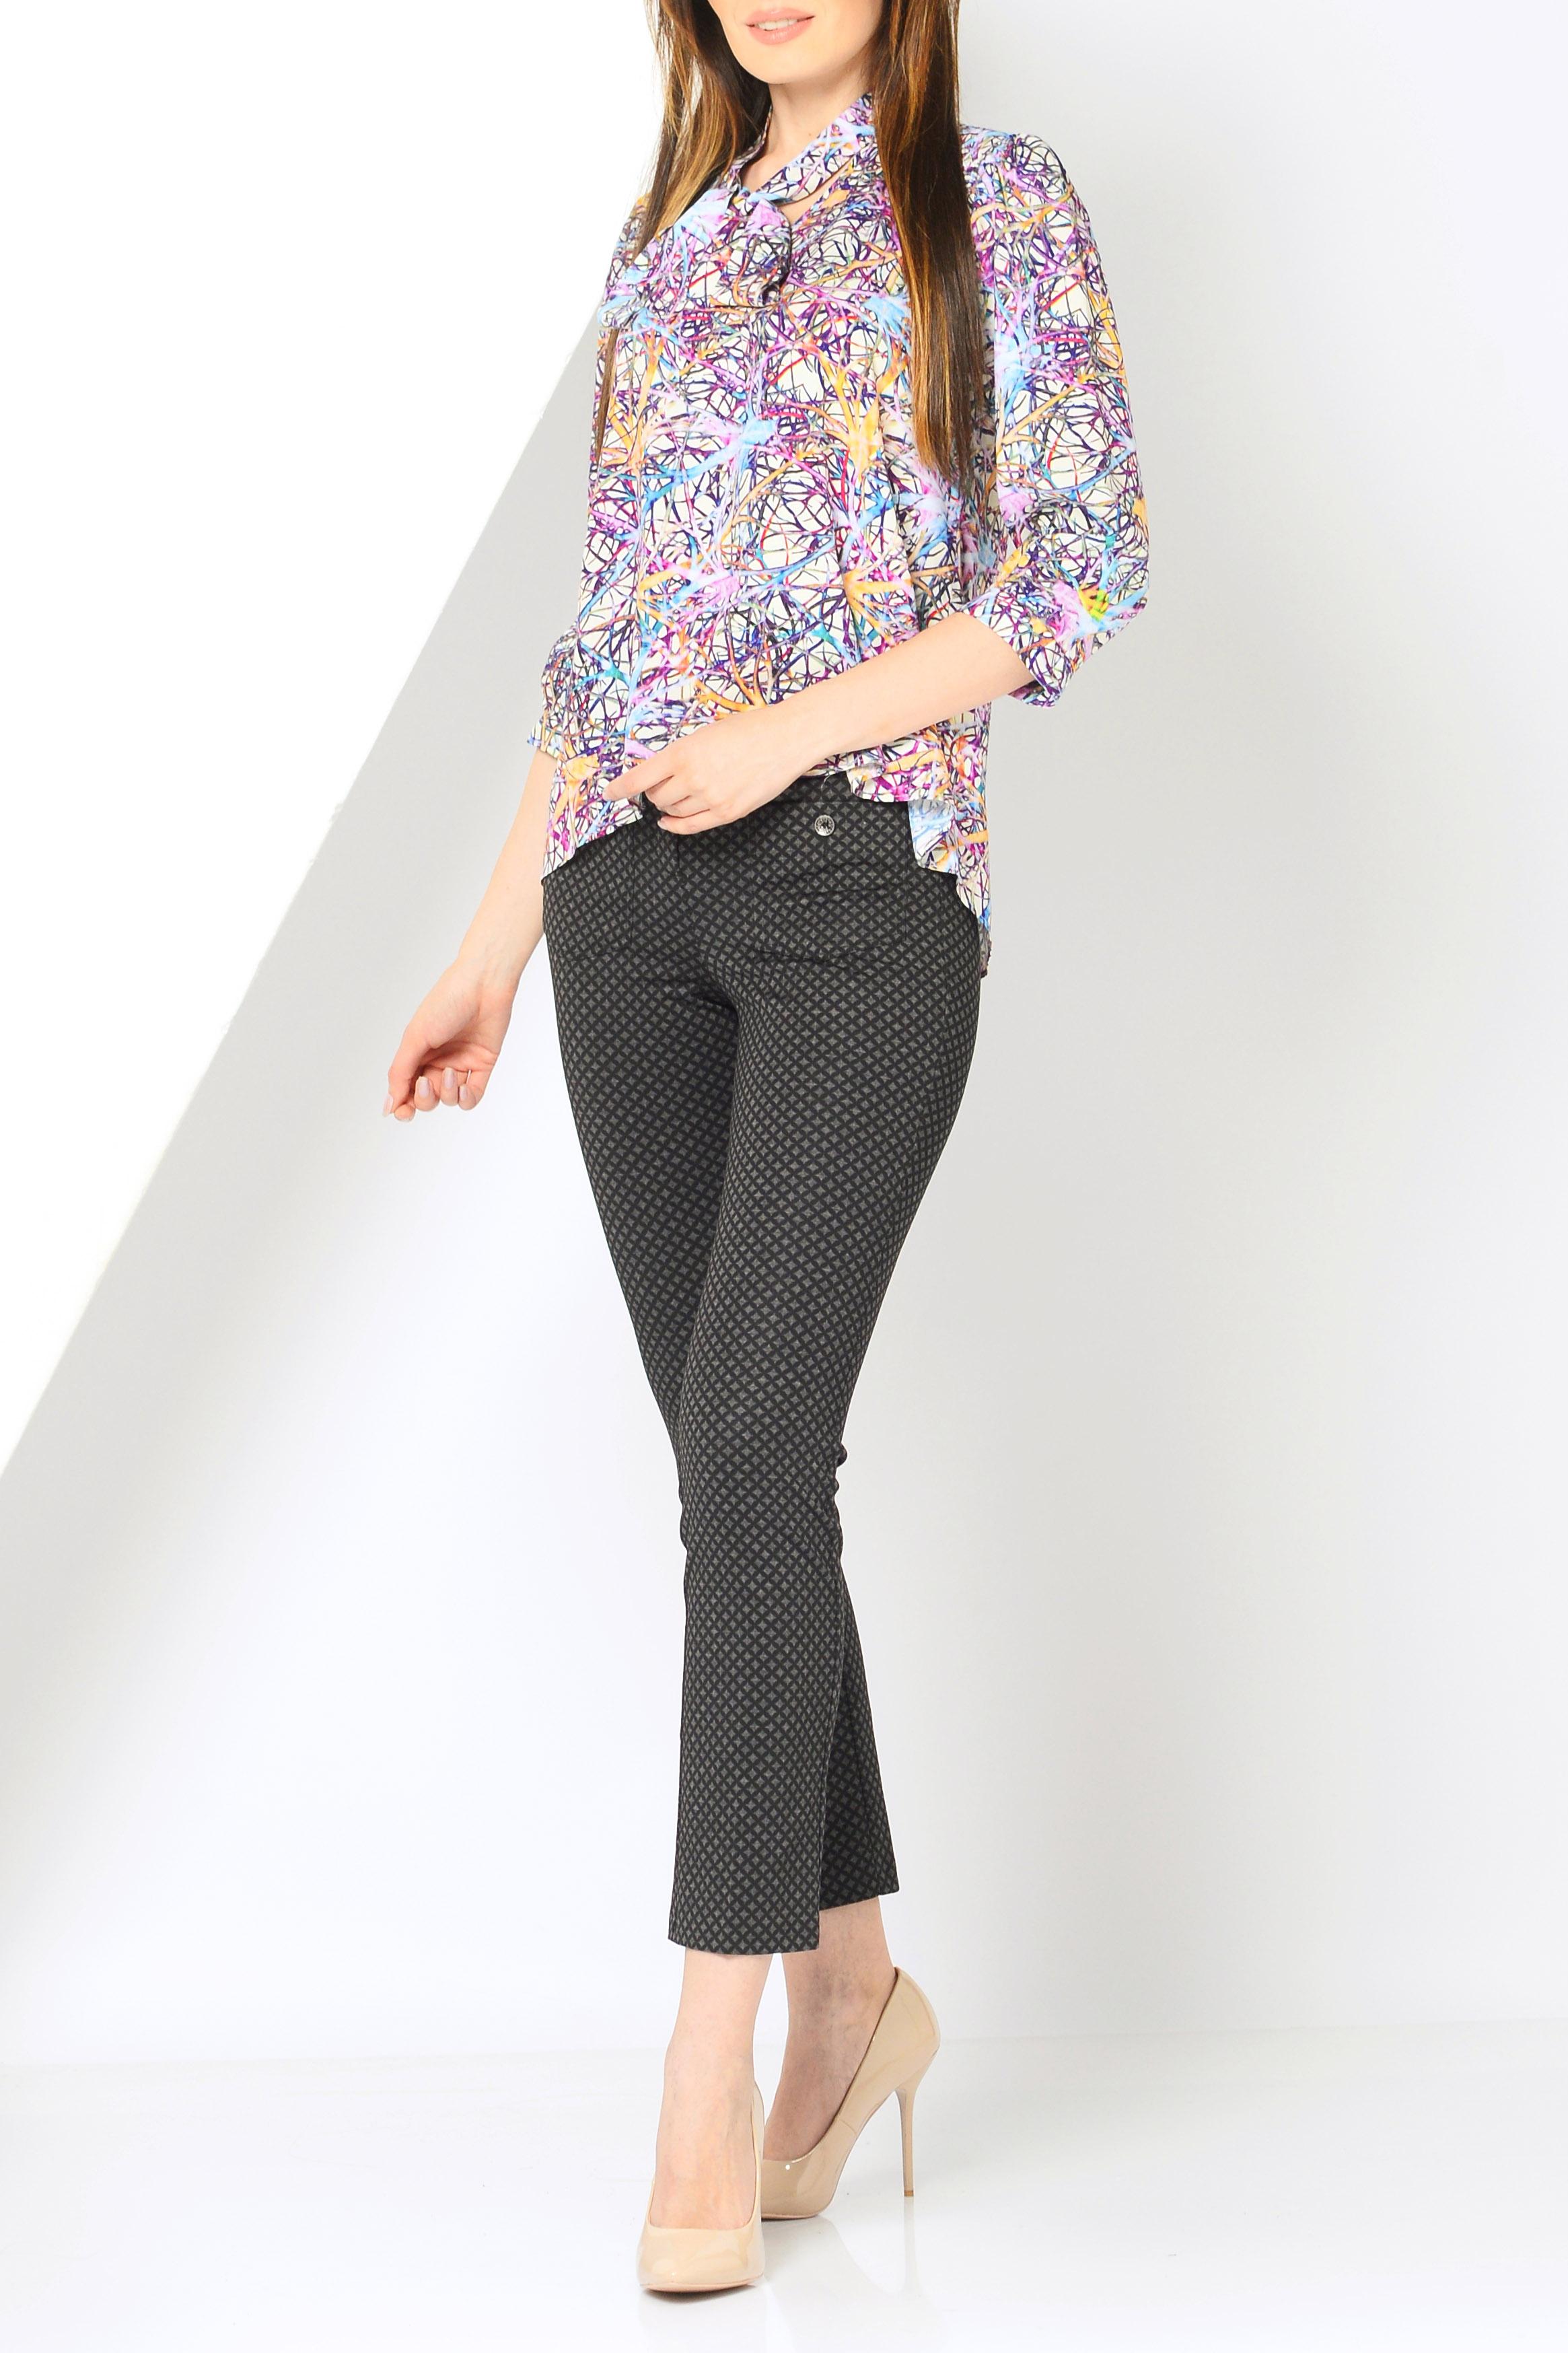 БлузкаБлузки<br>Силуэт блузки чуть расширяющийся к низу с понижением линии низа сзади.  Блузка без пуговиц с удобным V-образным вырезом. Воротник-стойка, переходящий в бант спереди, который можно завязать на любом уровне или заложить свободным галстуком. Легкая сборка по линии притачивания кокетки на спинке и по окату рукава обеспечивает комфортную посадку изделия. Рукав 3/4 на небольшой свободной манжете.   Ростовка изделия 170 см.  В изделии использованы цвета: белый, розовый и др.  Параметры размеров: 42 размер соответствует обхвату груди 80 см;  44 размер соответствует обхвату груди 84 см;  46 размер соответствует обхвату груди 88 см;  48 размер соответствует обхвату груди 92 см;  50 размер соответствует обхвату груди 98 см;  52 размер соответствует обхвату груди 100 см;  54 размер соответствует обхвату груди 100 см.<br><br>Горловина: V- горловина<br>По материалу: Вискоза,Тканевые<br>По рисунку: С принтом,Цветные<br>По сезону: Весна,Зима,Лето,Осень,Всесезон<br>По силуэту: Прямые<br>По стилю: Повседневный стиль<br>По элементам: С фигурным низом<br>Рукав: Рукав три четверти<br>Размер : 42,44,46,48,50,52,54<br>Материал: Вискоза<br>Количество в наличии: 7